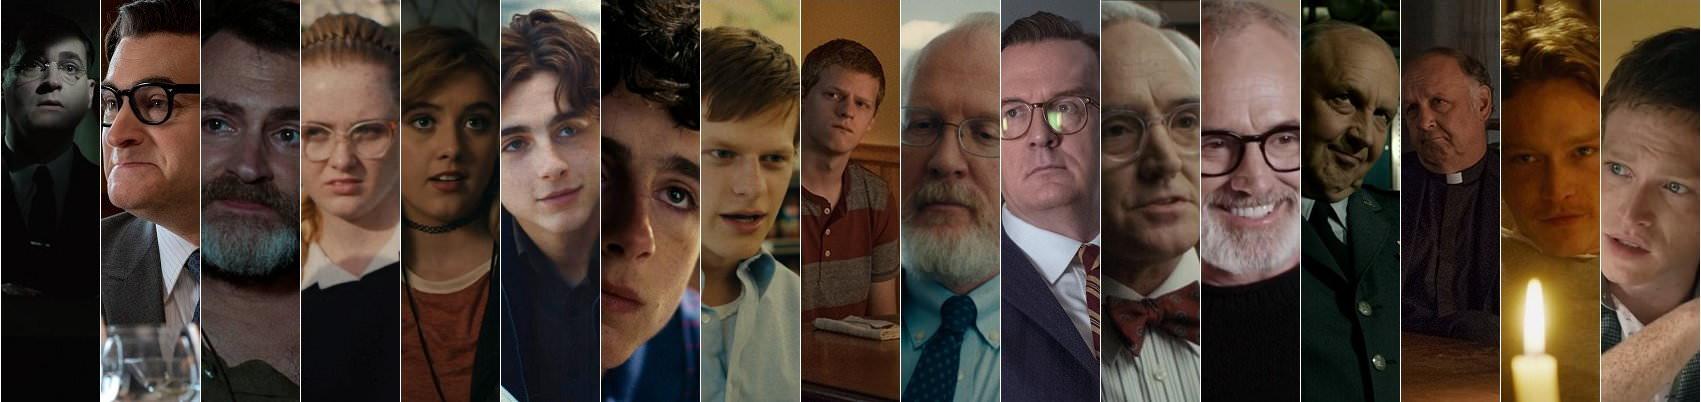 電影專題, 奧斯卡趣事:這8位演員演出2部以上2018年奧斯卡作品